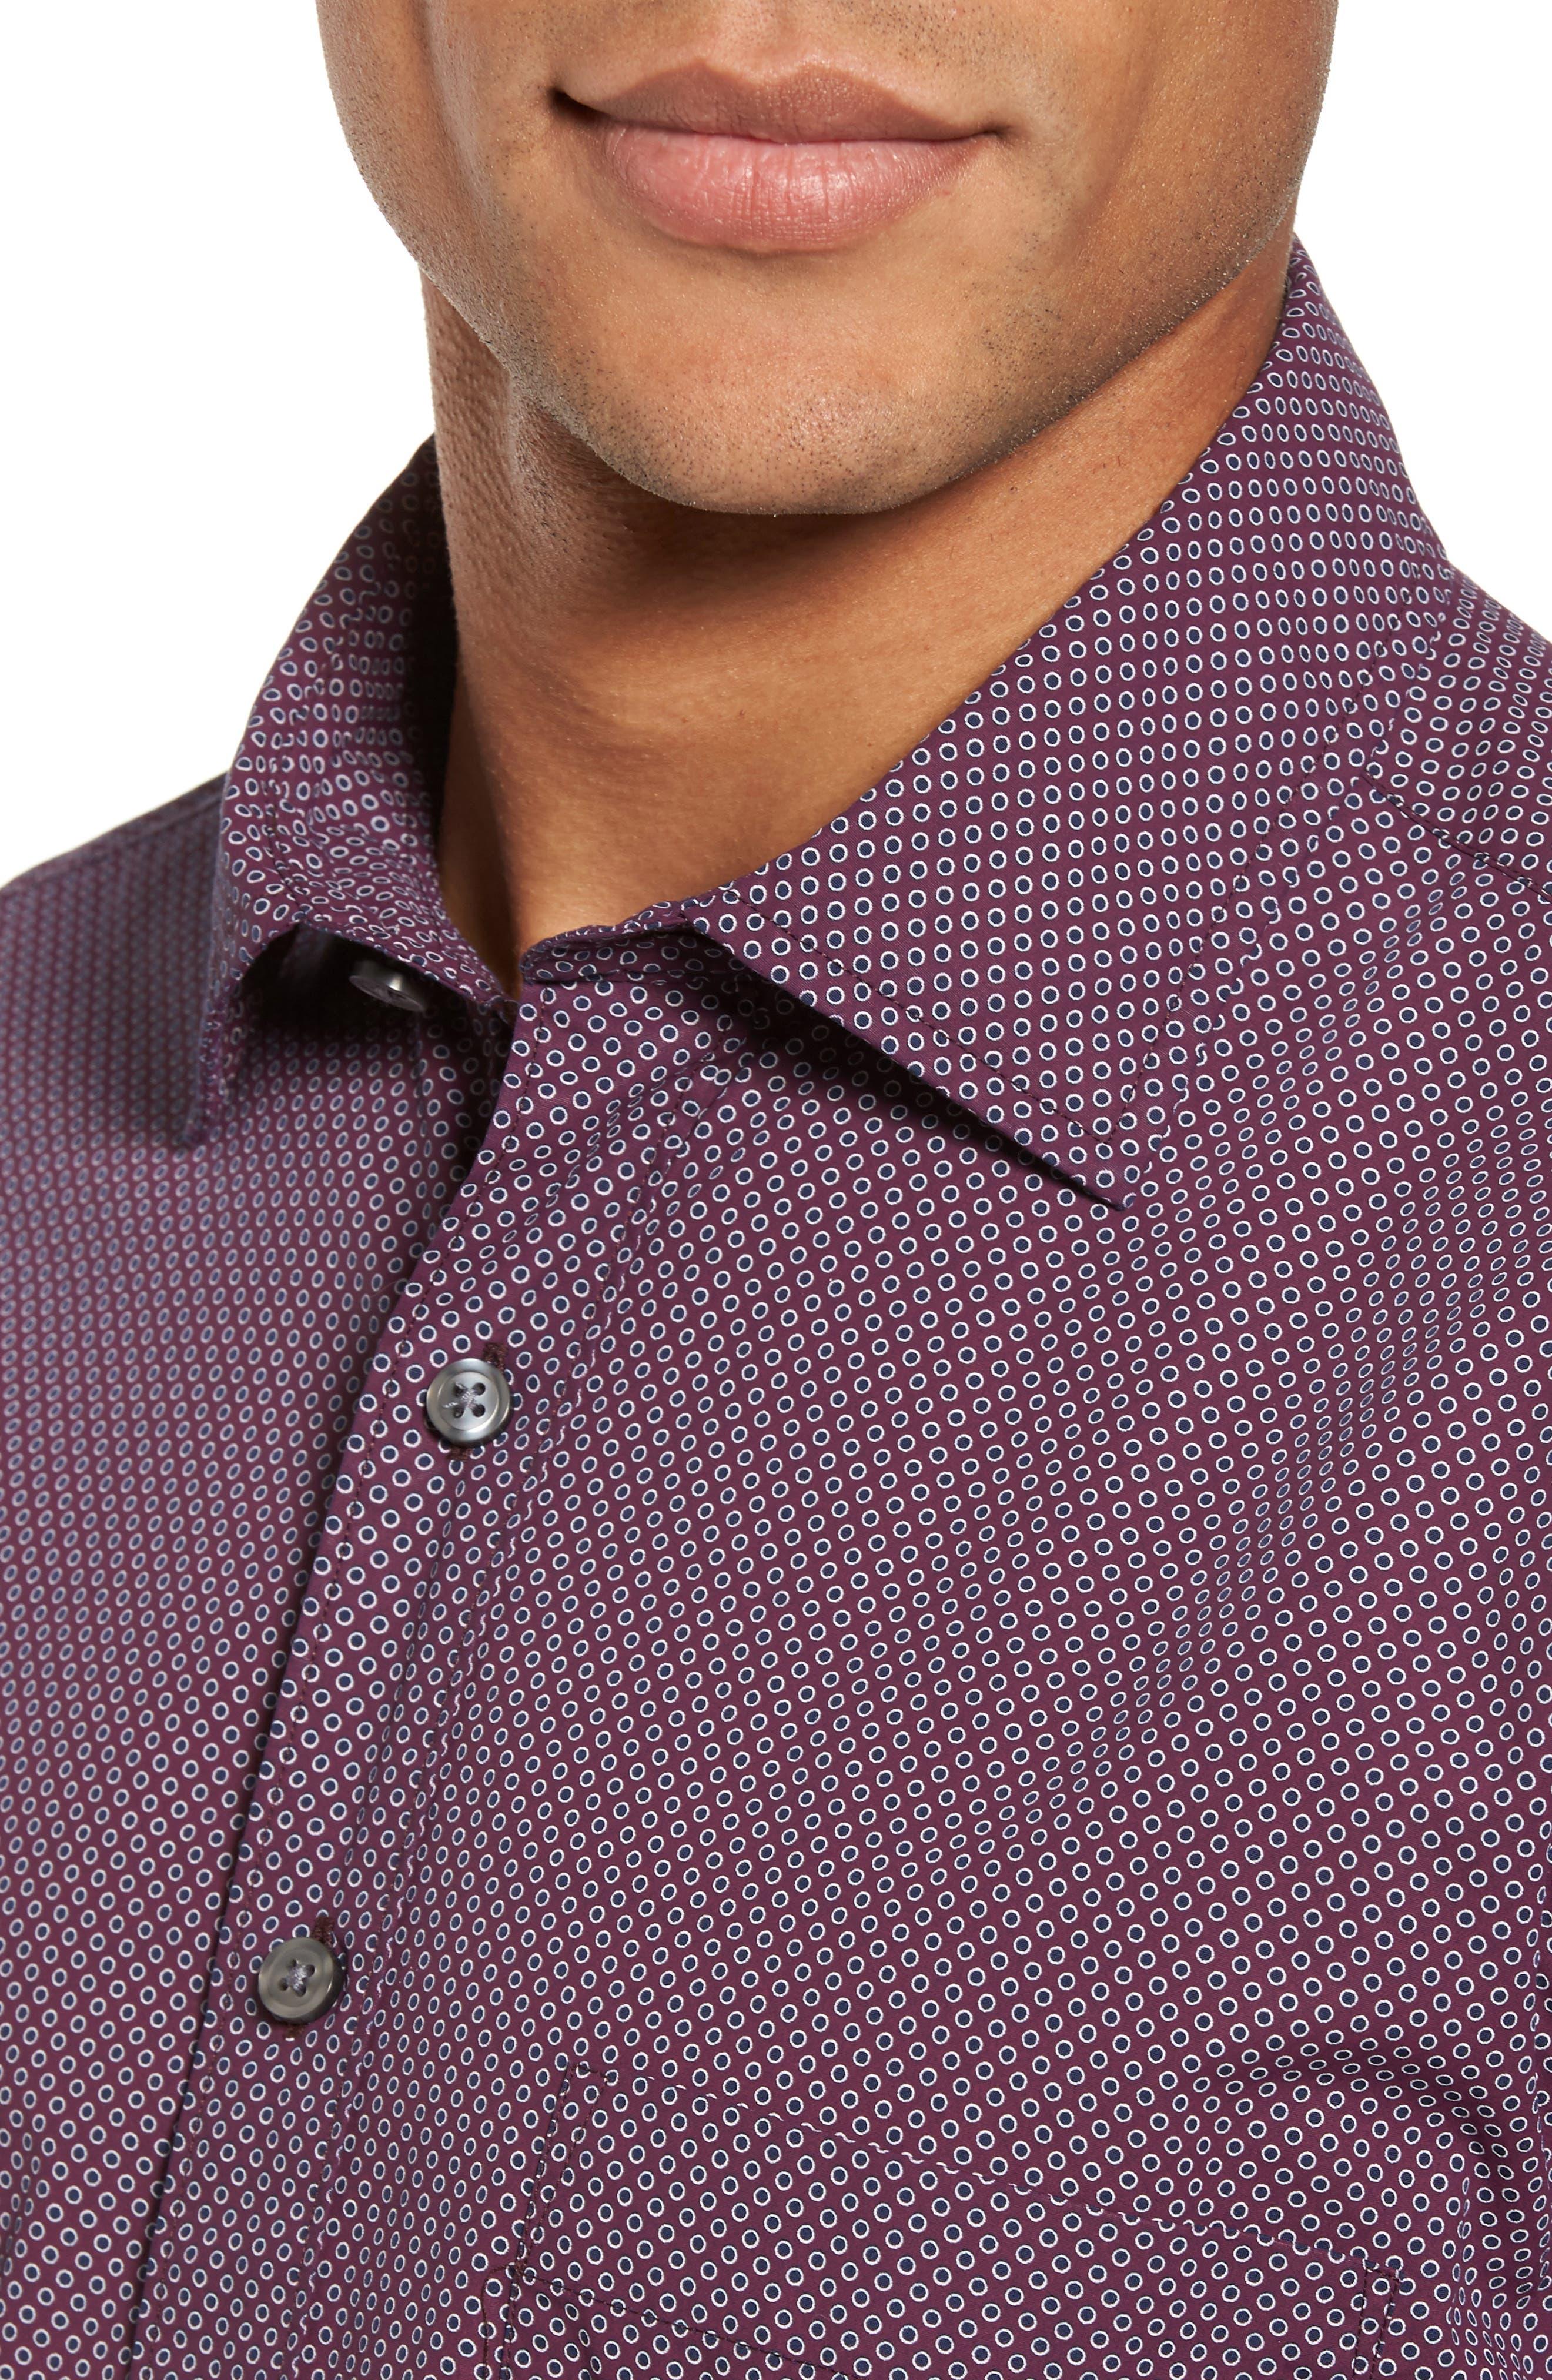 Ingleton Regular Fit Dot Sport Shirt,                             Alternate thumbnail 4, color,                             599